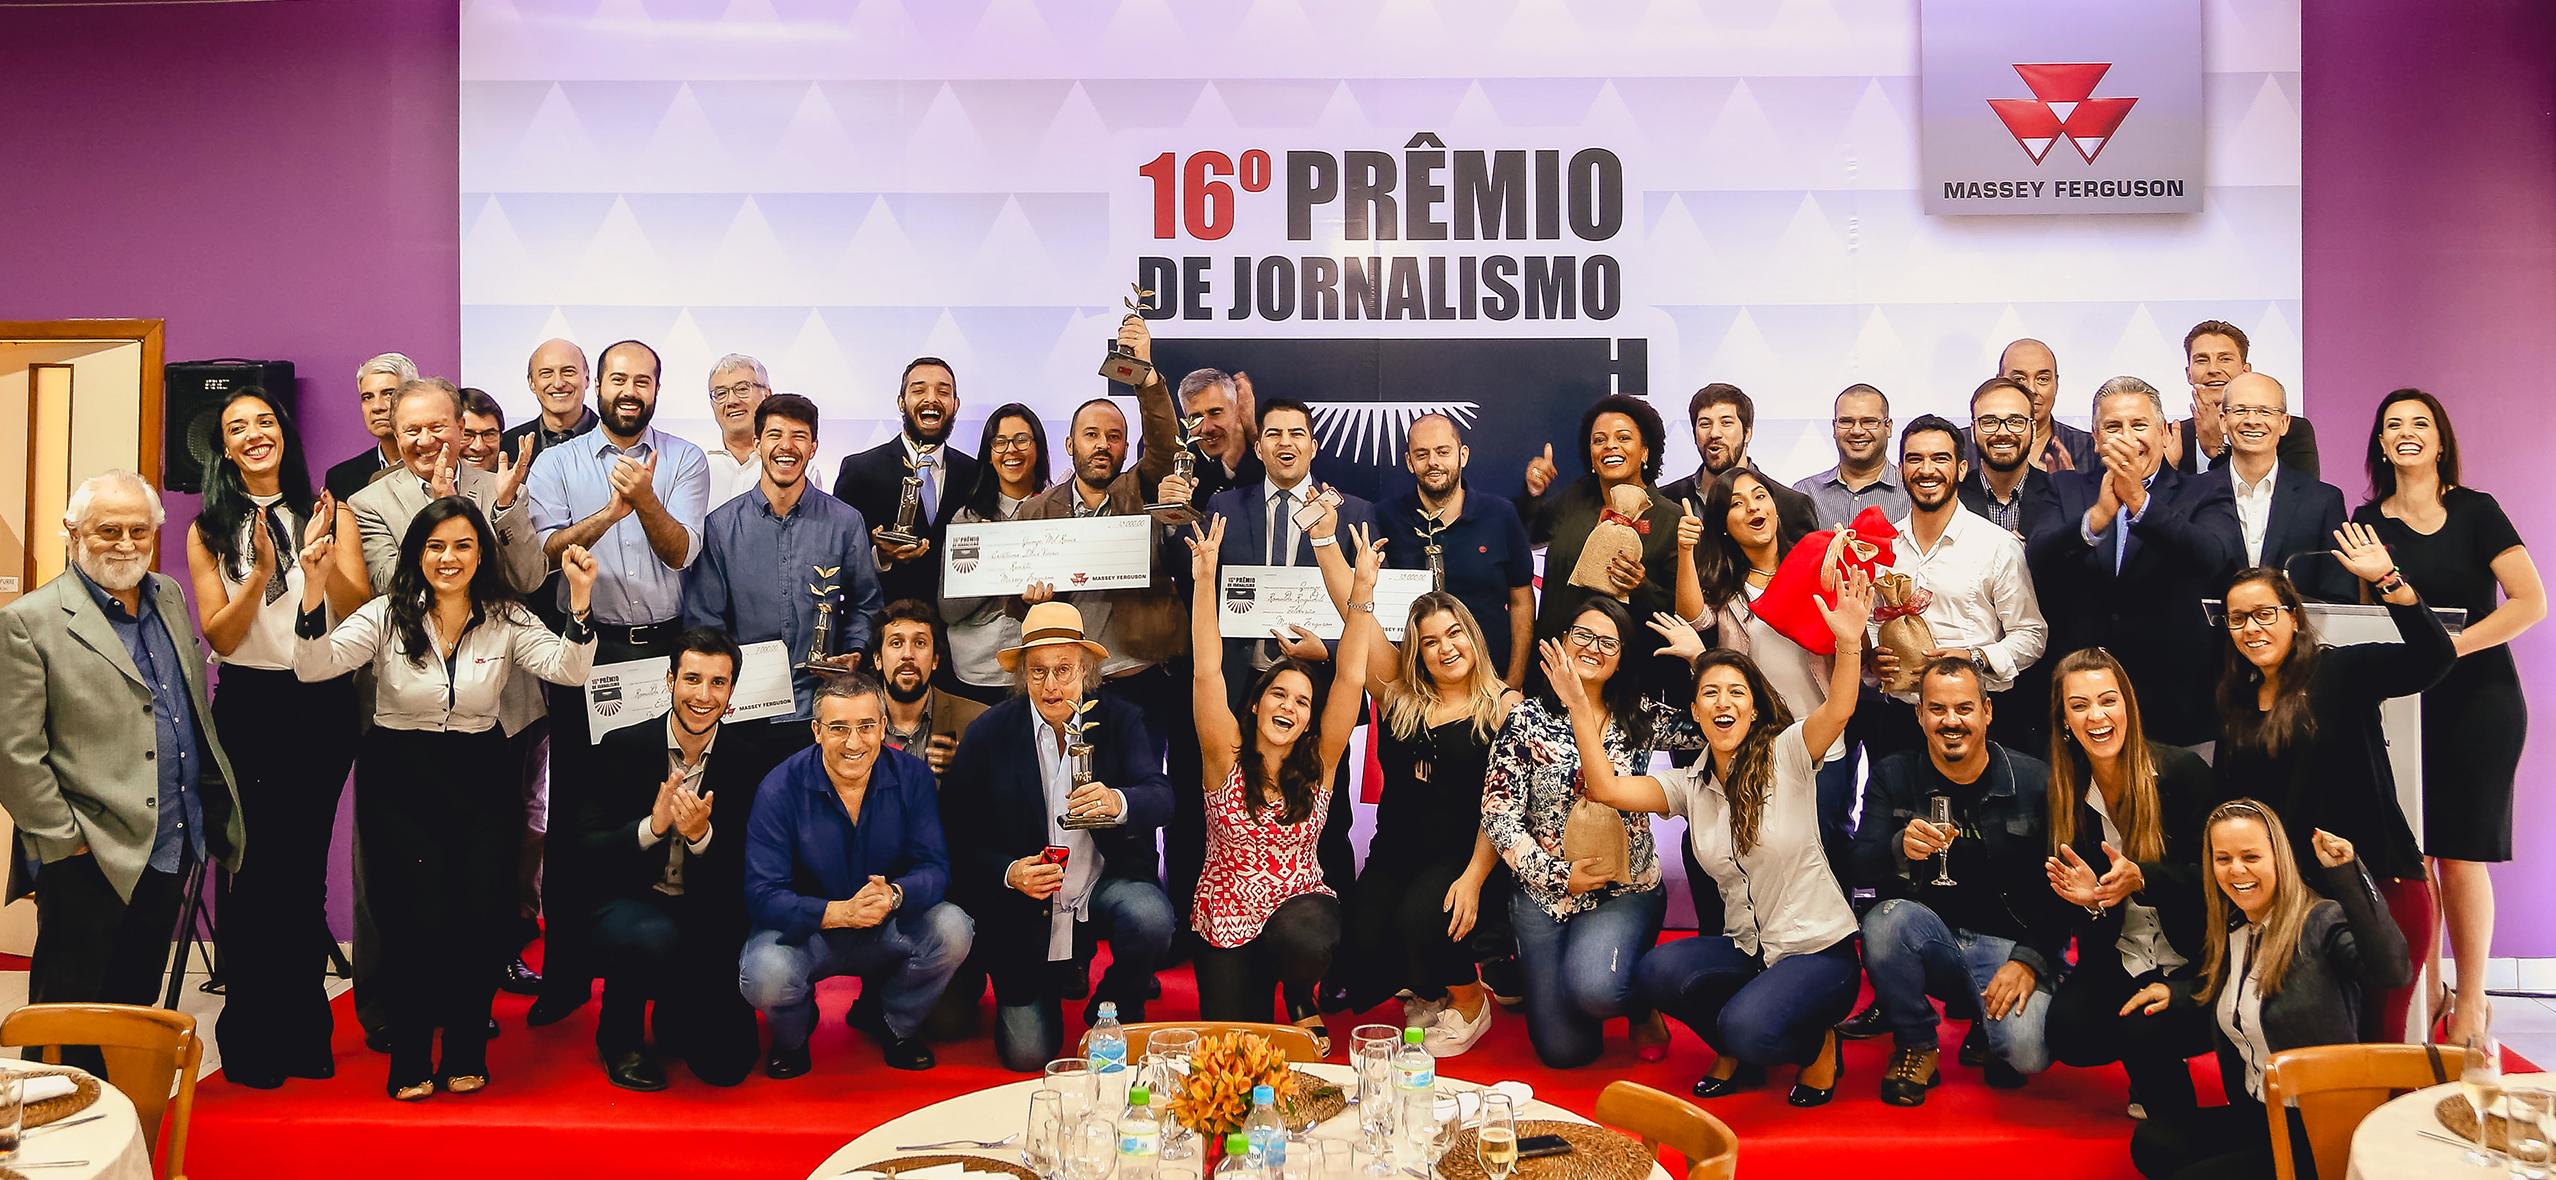 Periodista de Mundoagro recibe el primer lugar en concurso de Massey Ferguson